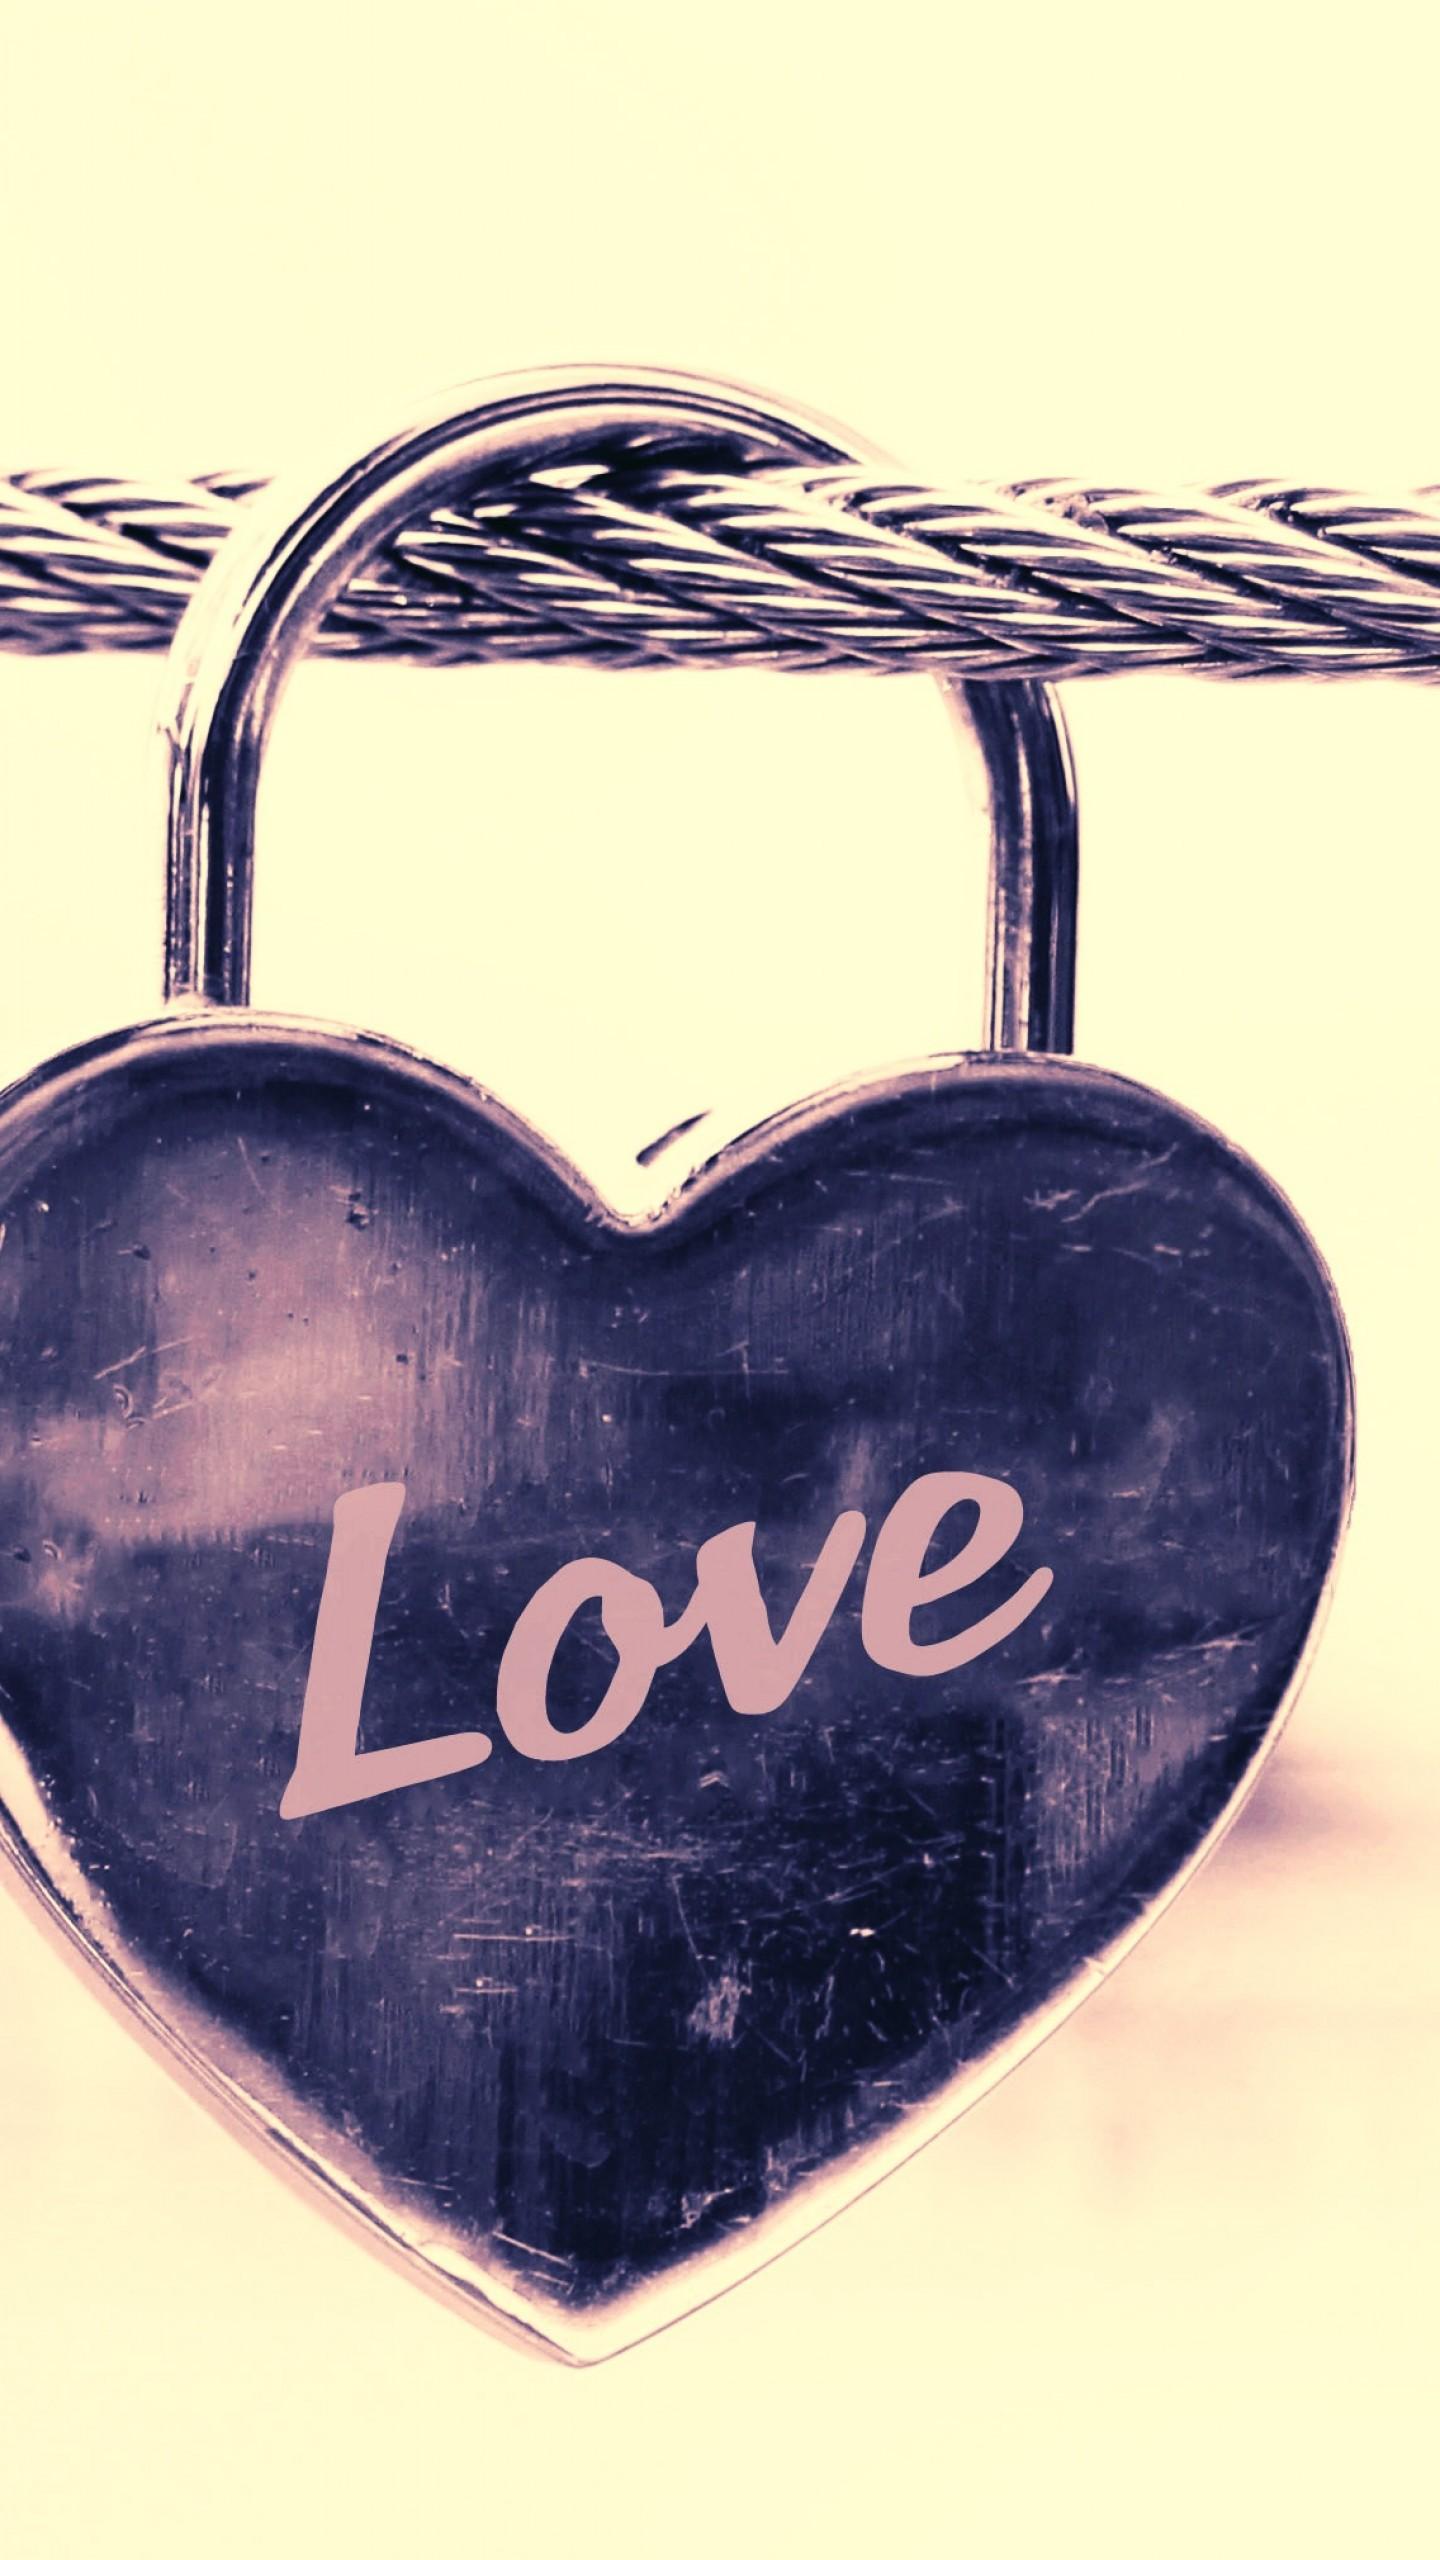 عکس زمینه قفل به شکل قلب با عنوان love پس زمینه